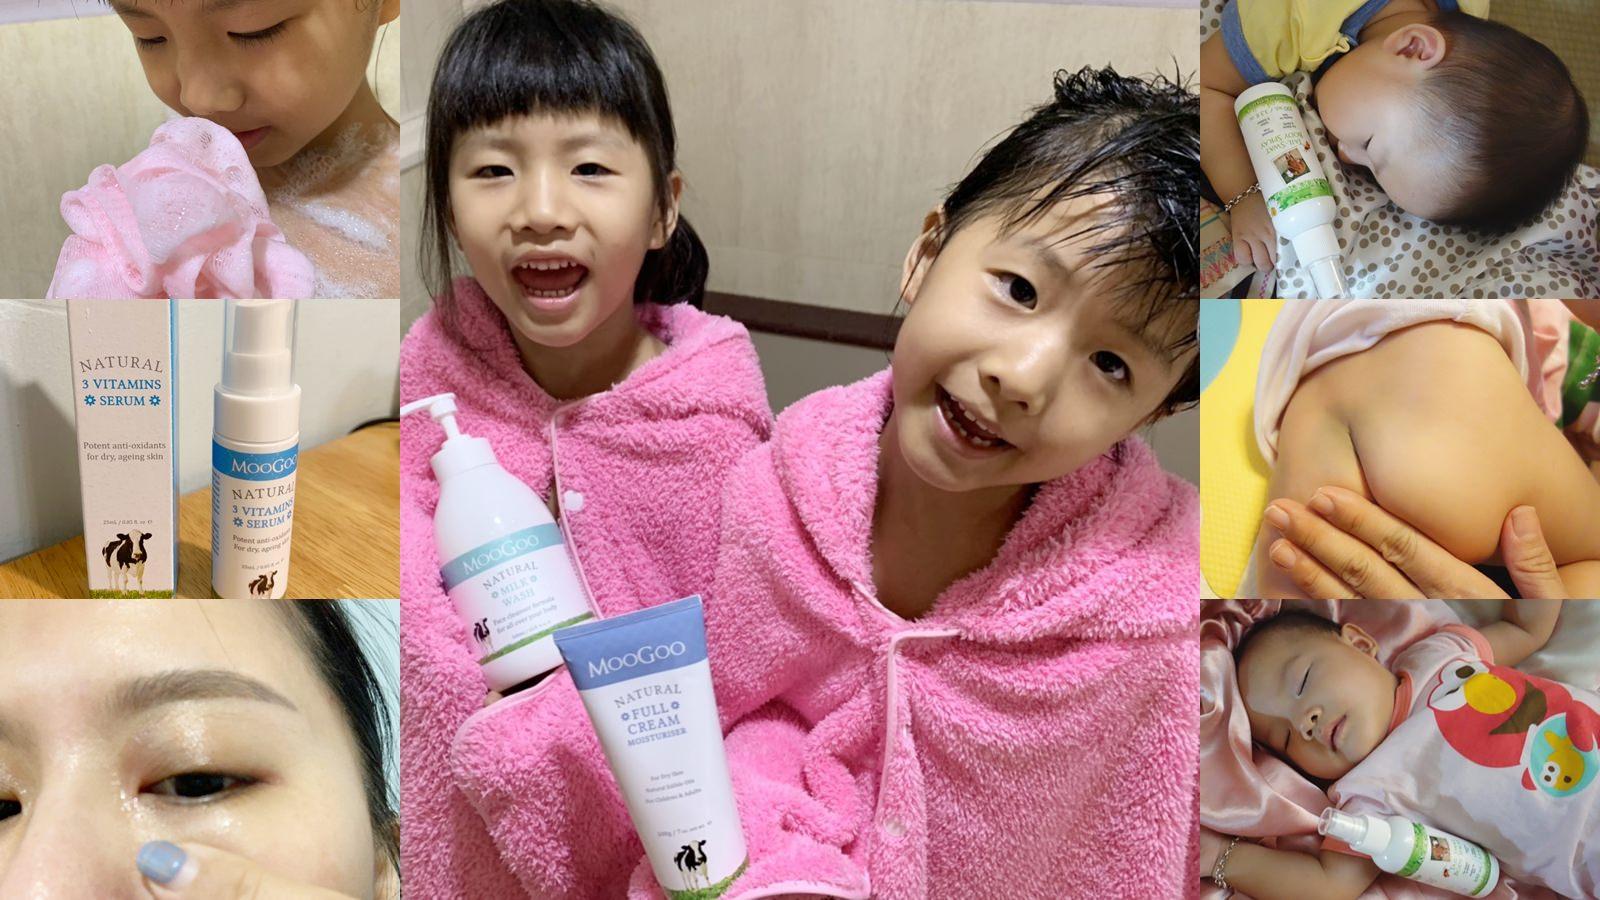 [育兒好物]給寶貝用超安心又天然純淨的MOOGOO慕爾果保養護膚品!